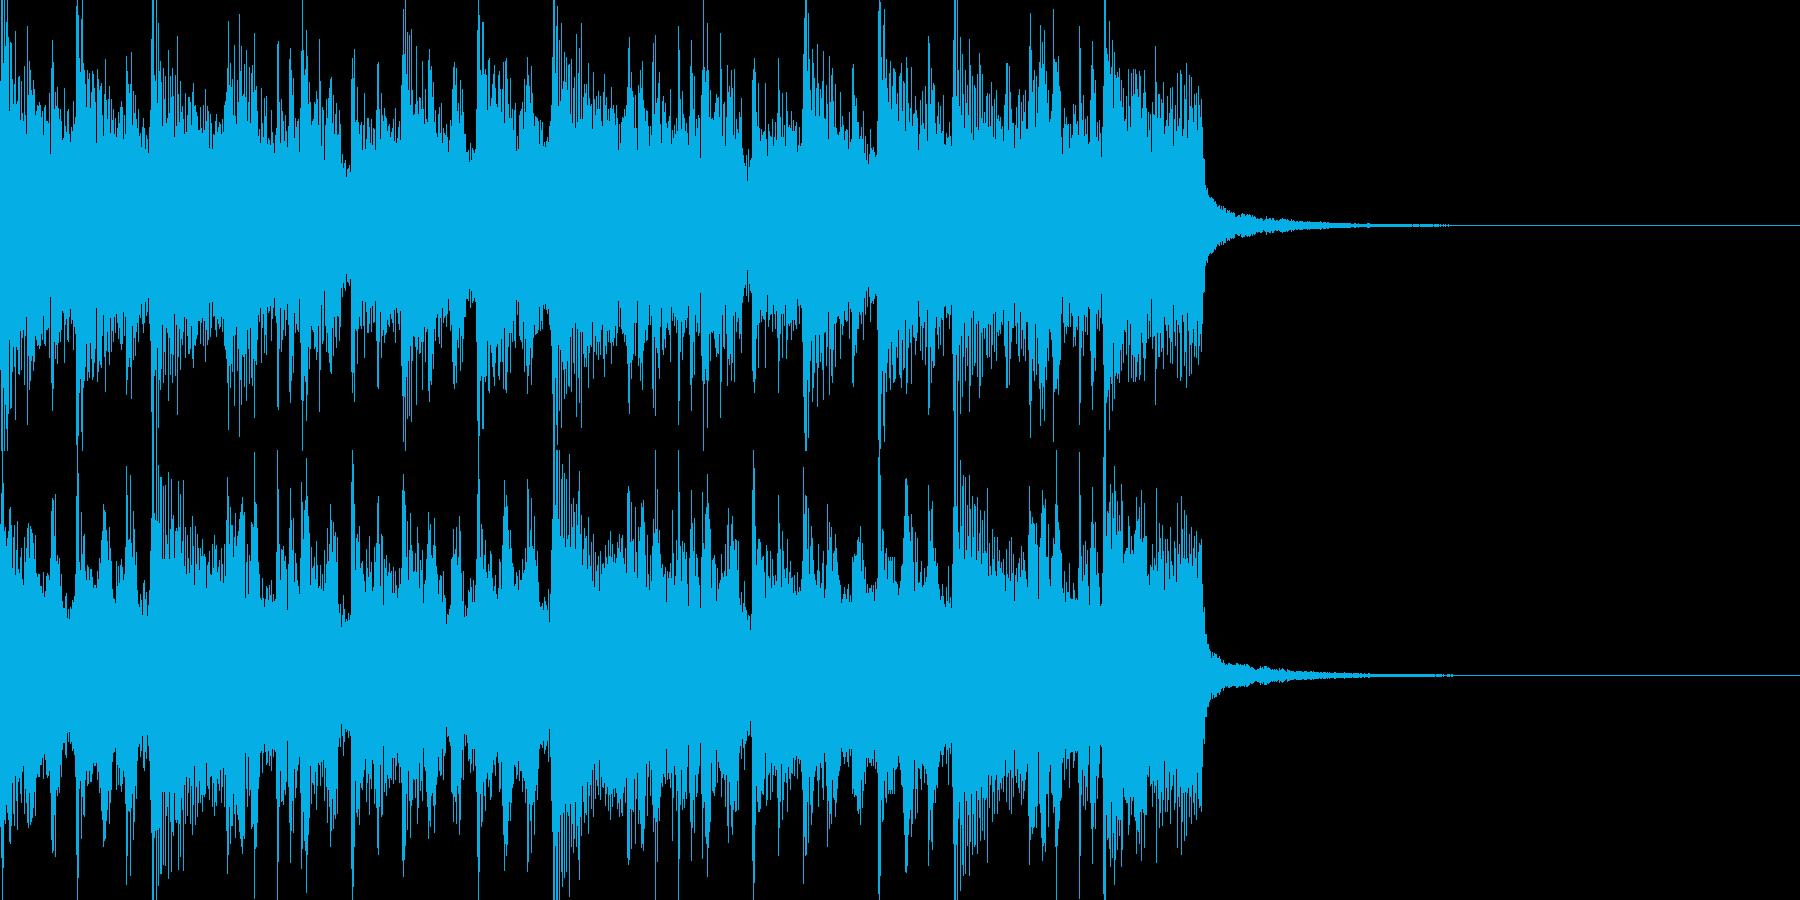 アニメ音楽のような感じの再生済みの波形